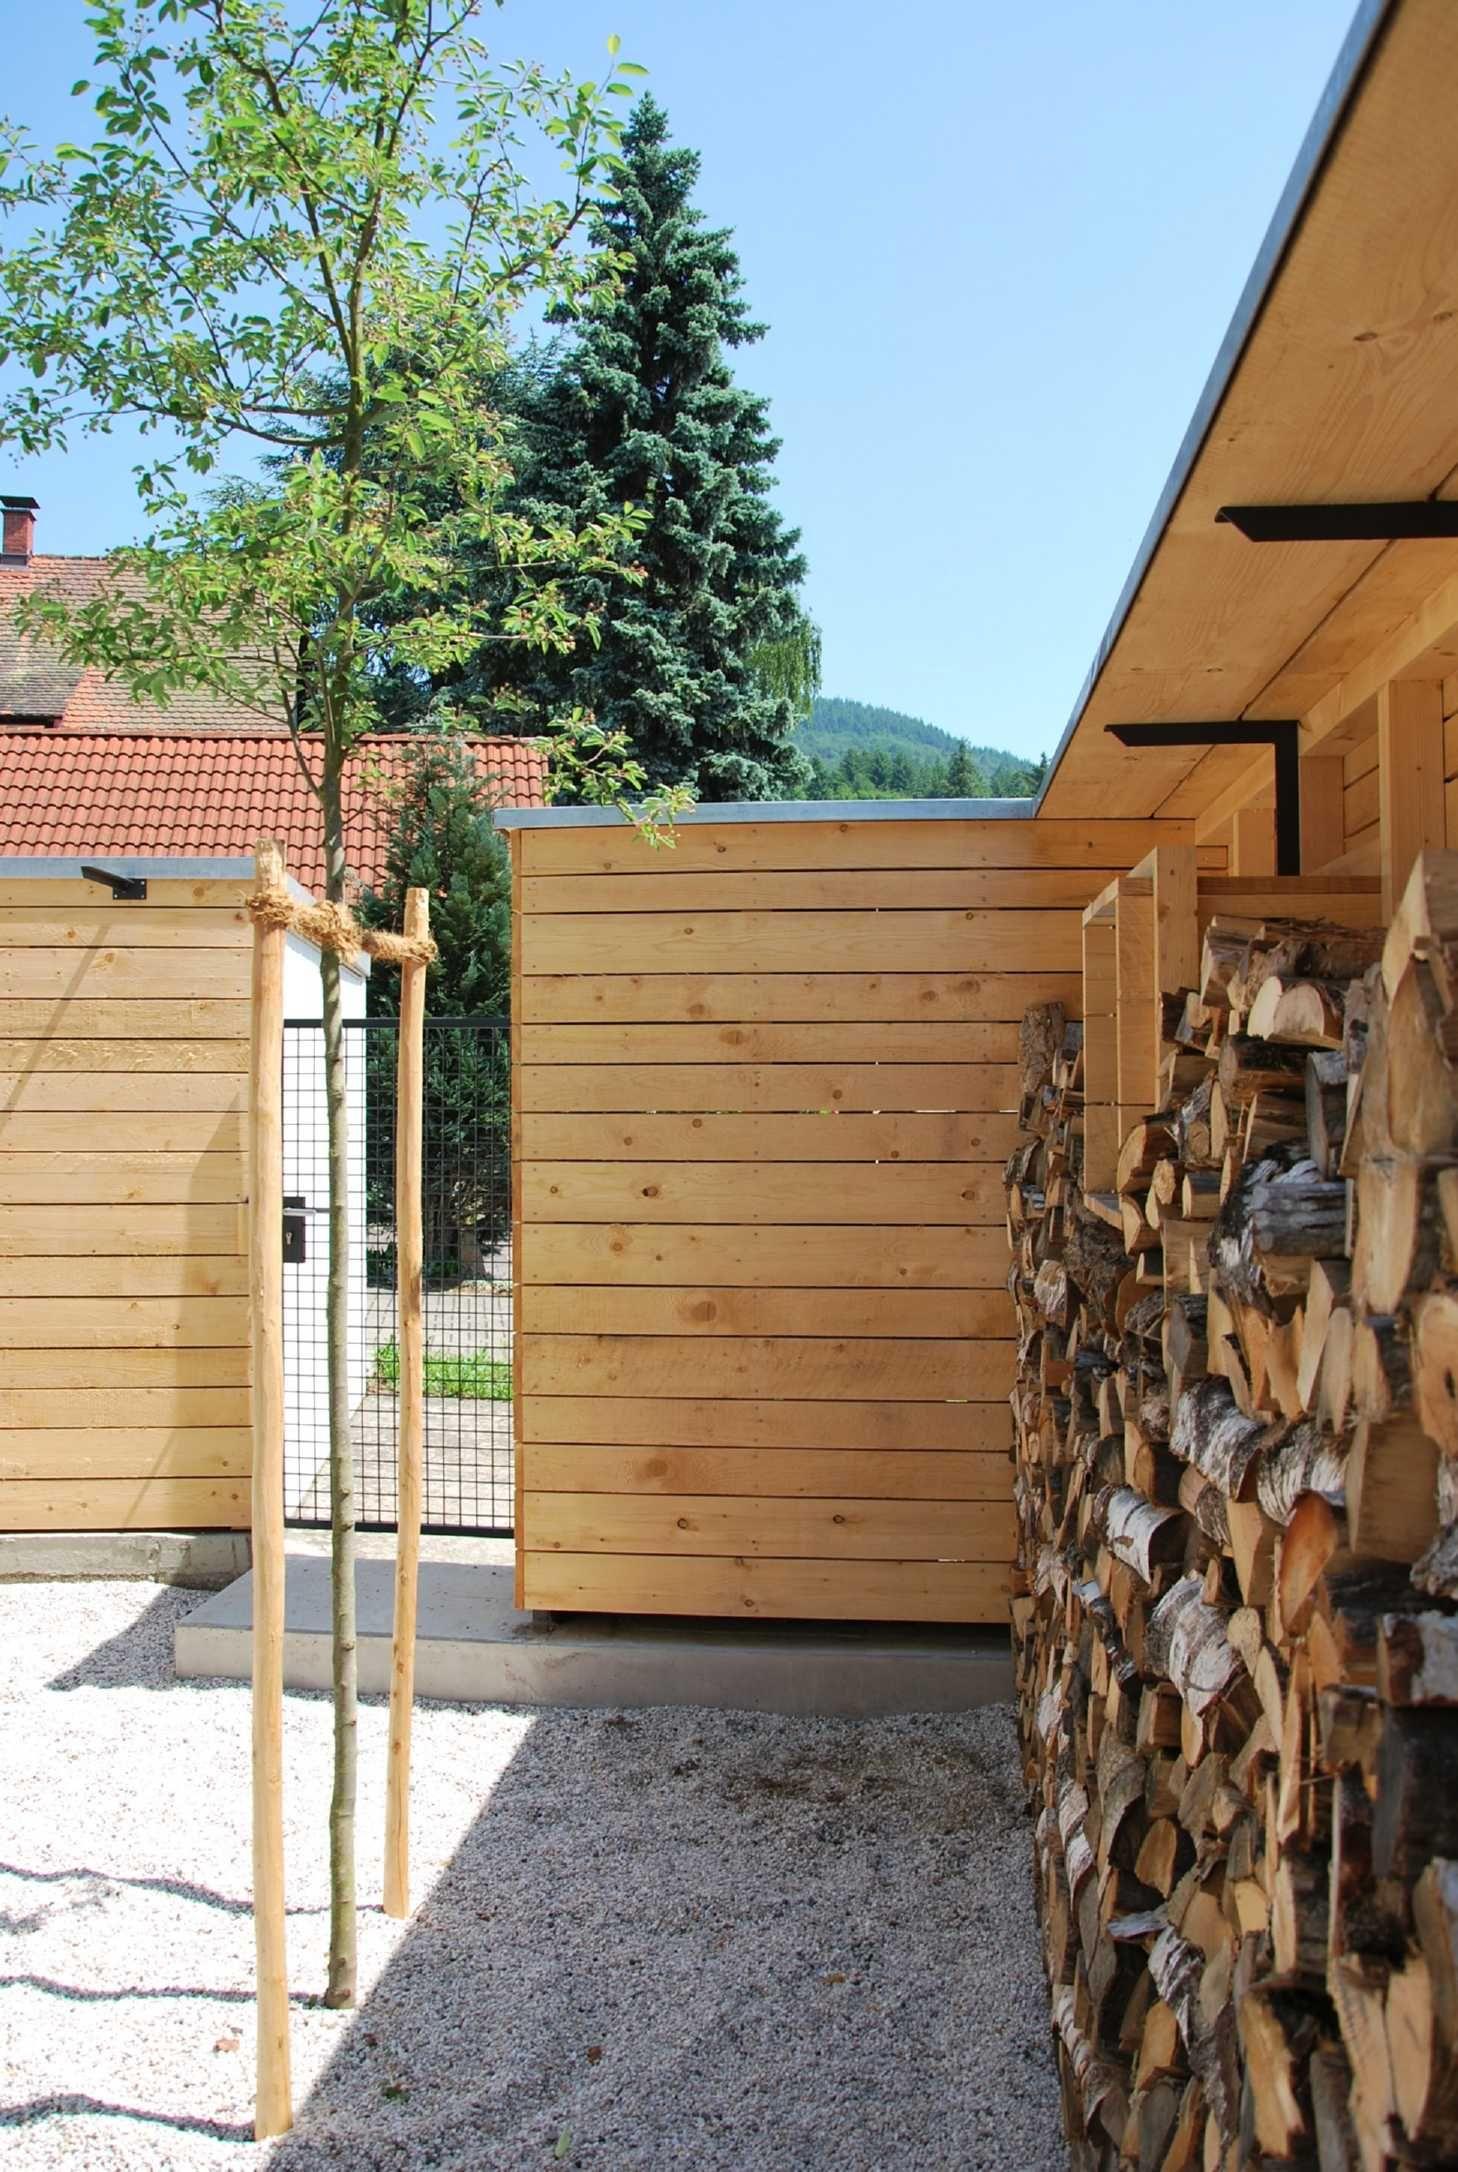 bildergebnis für holzlege | brennholz | pinterest | searching